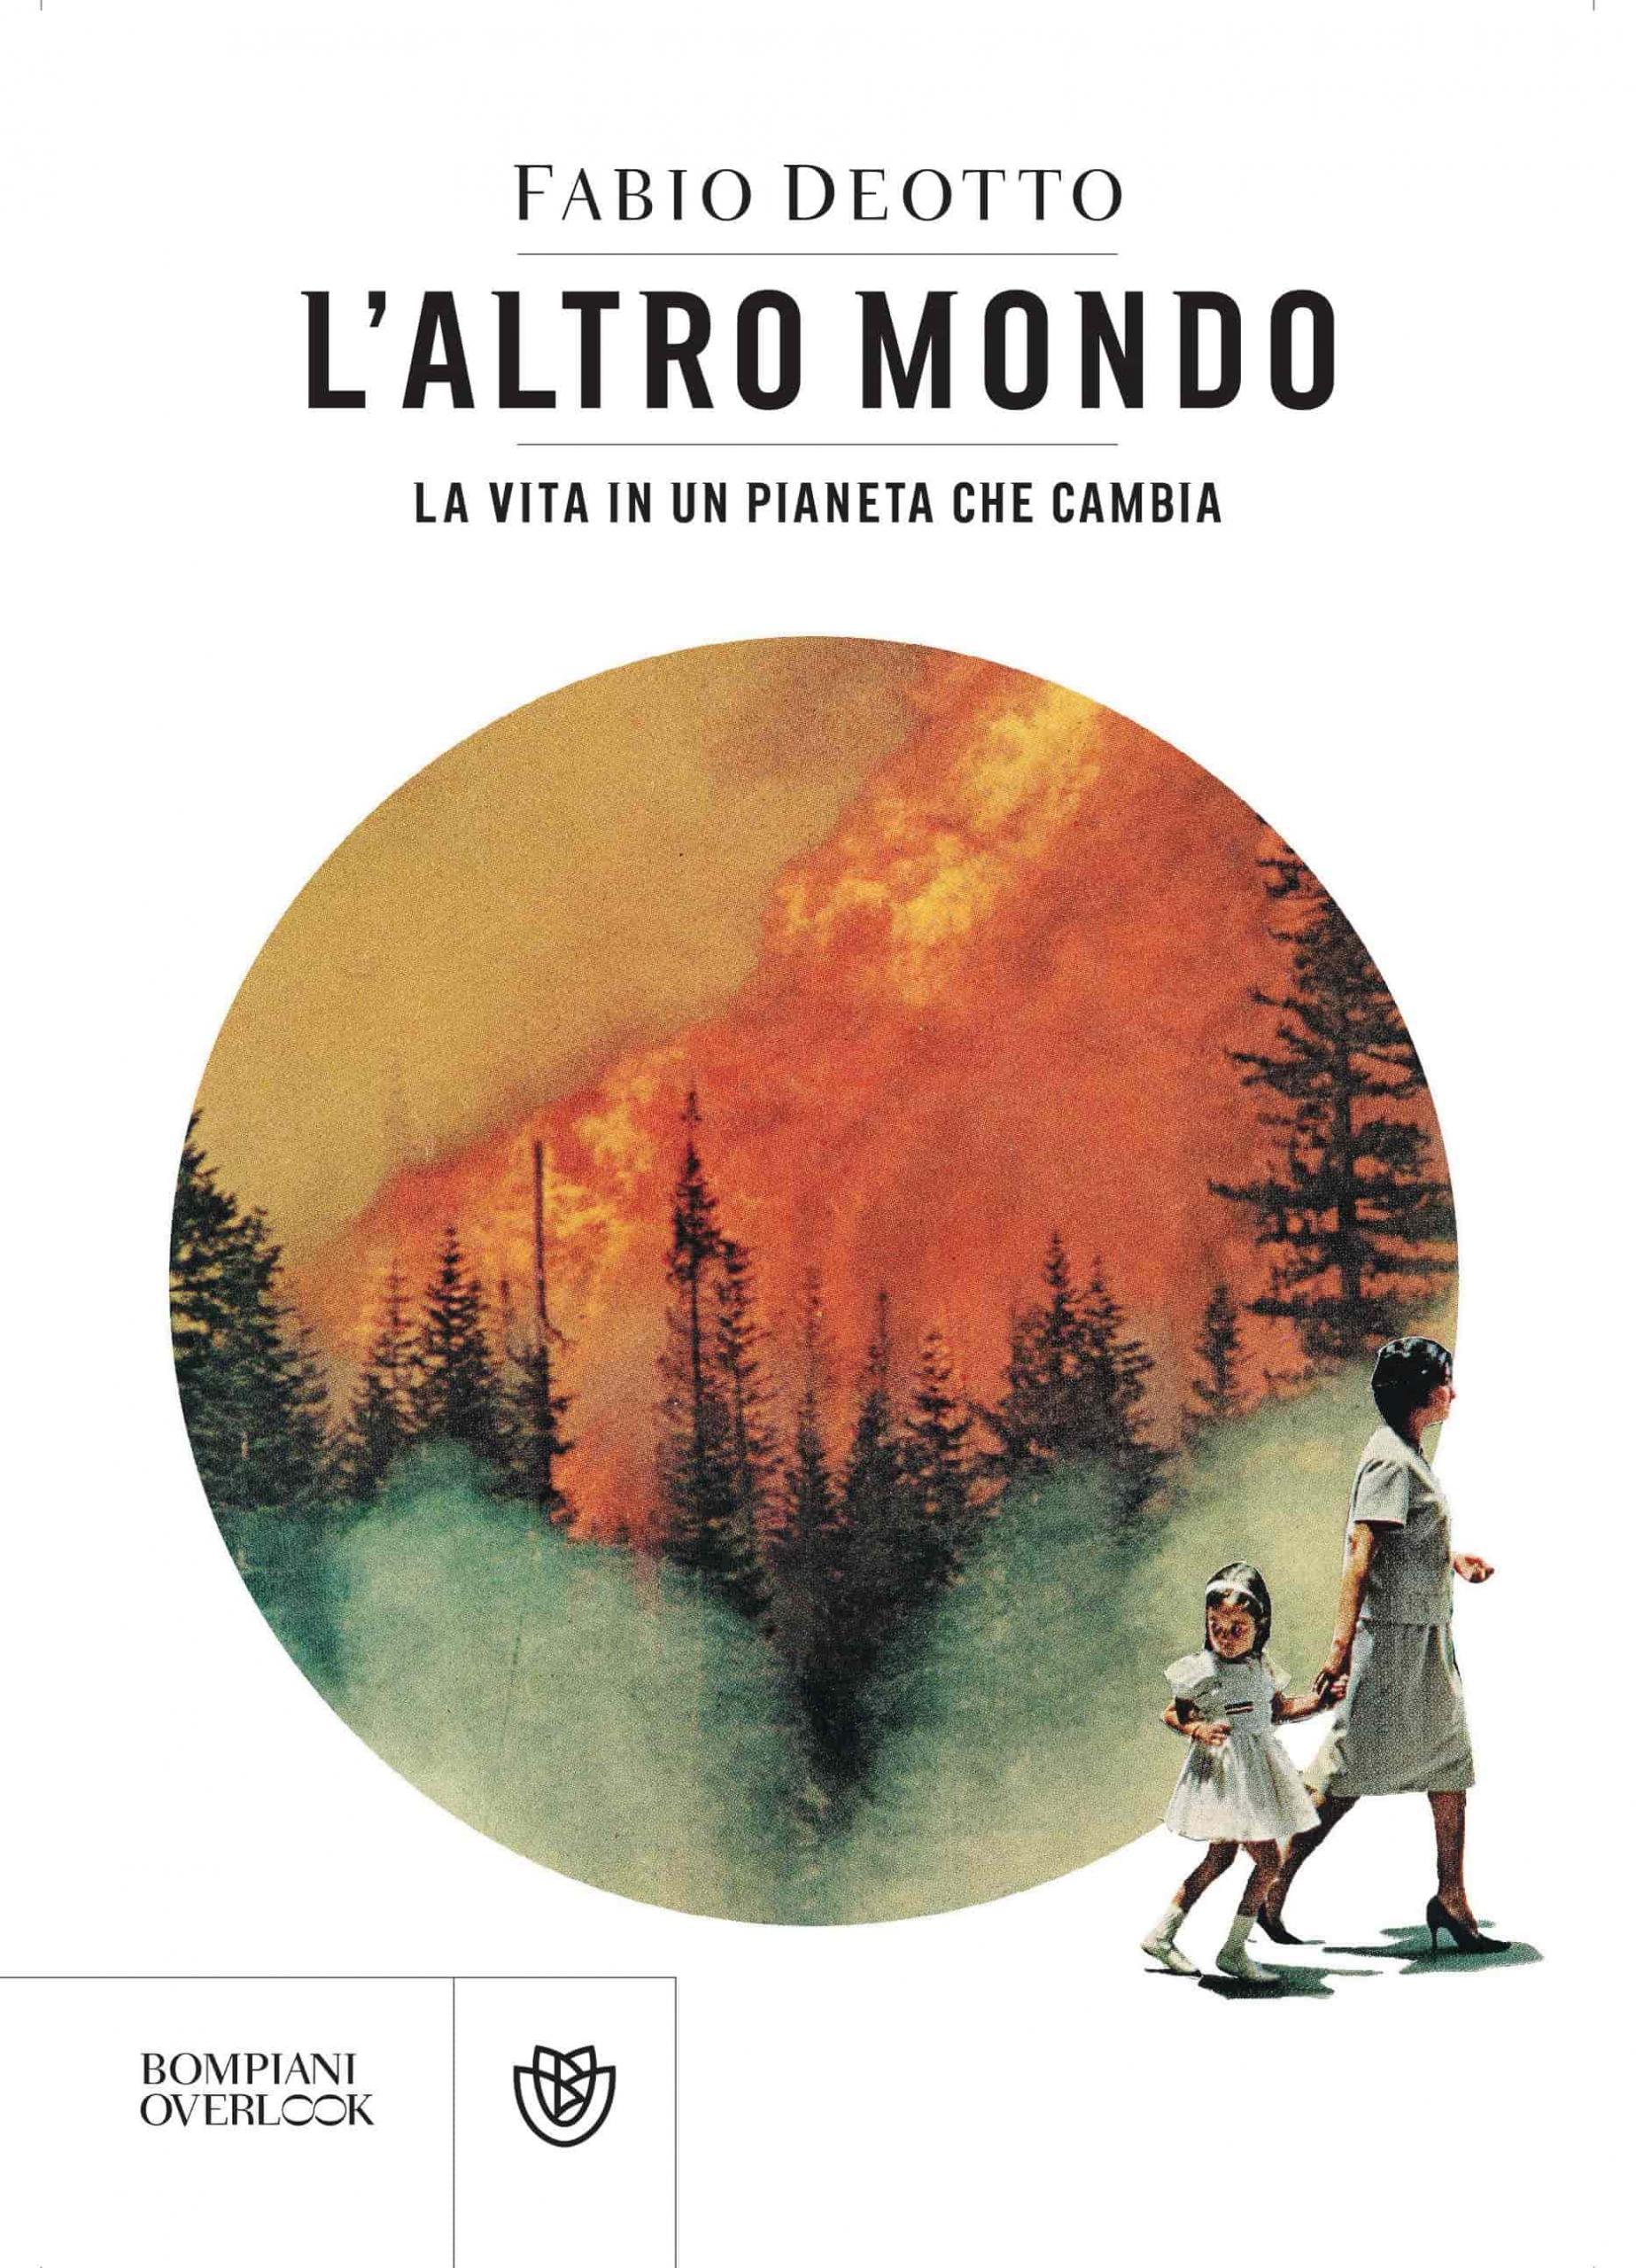 Copertina del libro L'altro mondo di Fabio Deotto